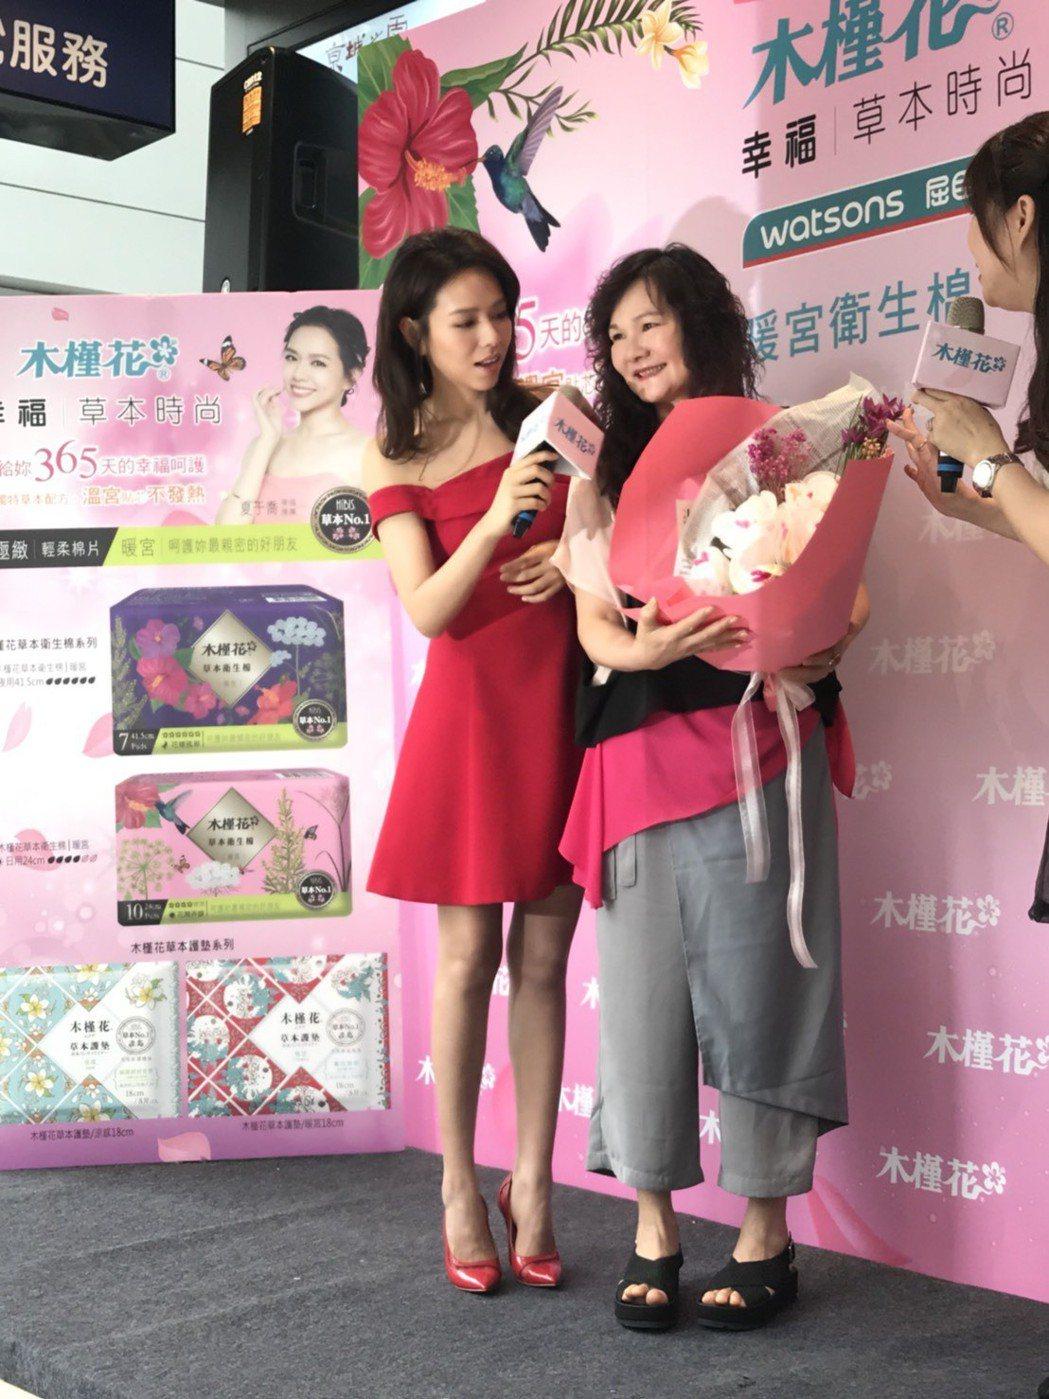 夏于喬和媽媽出席母親節活動。記者陳慧貞提供